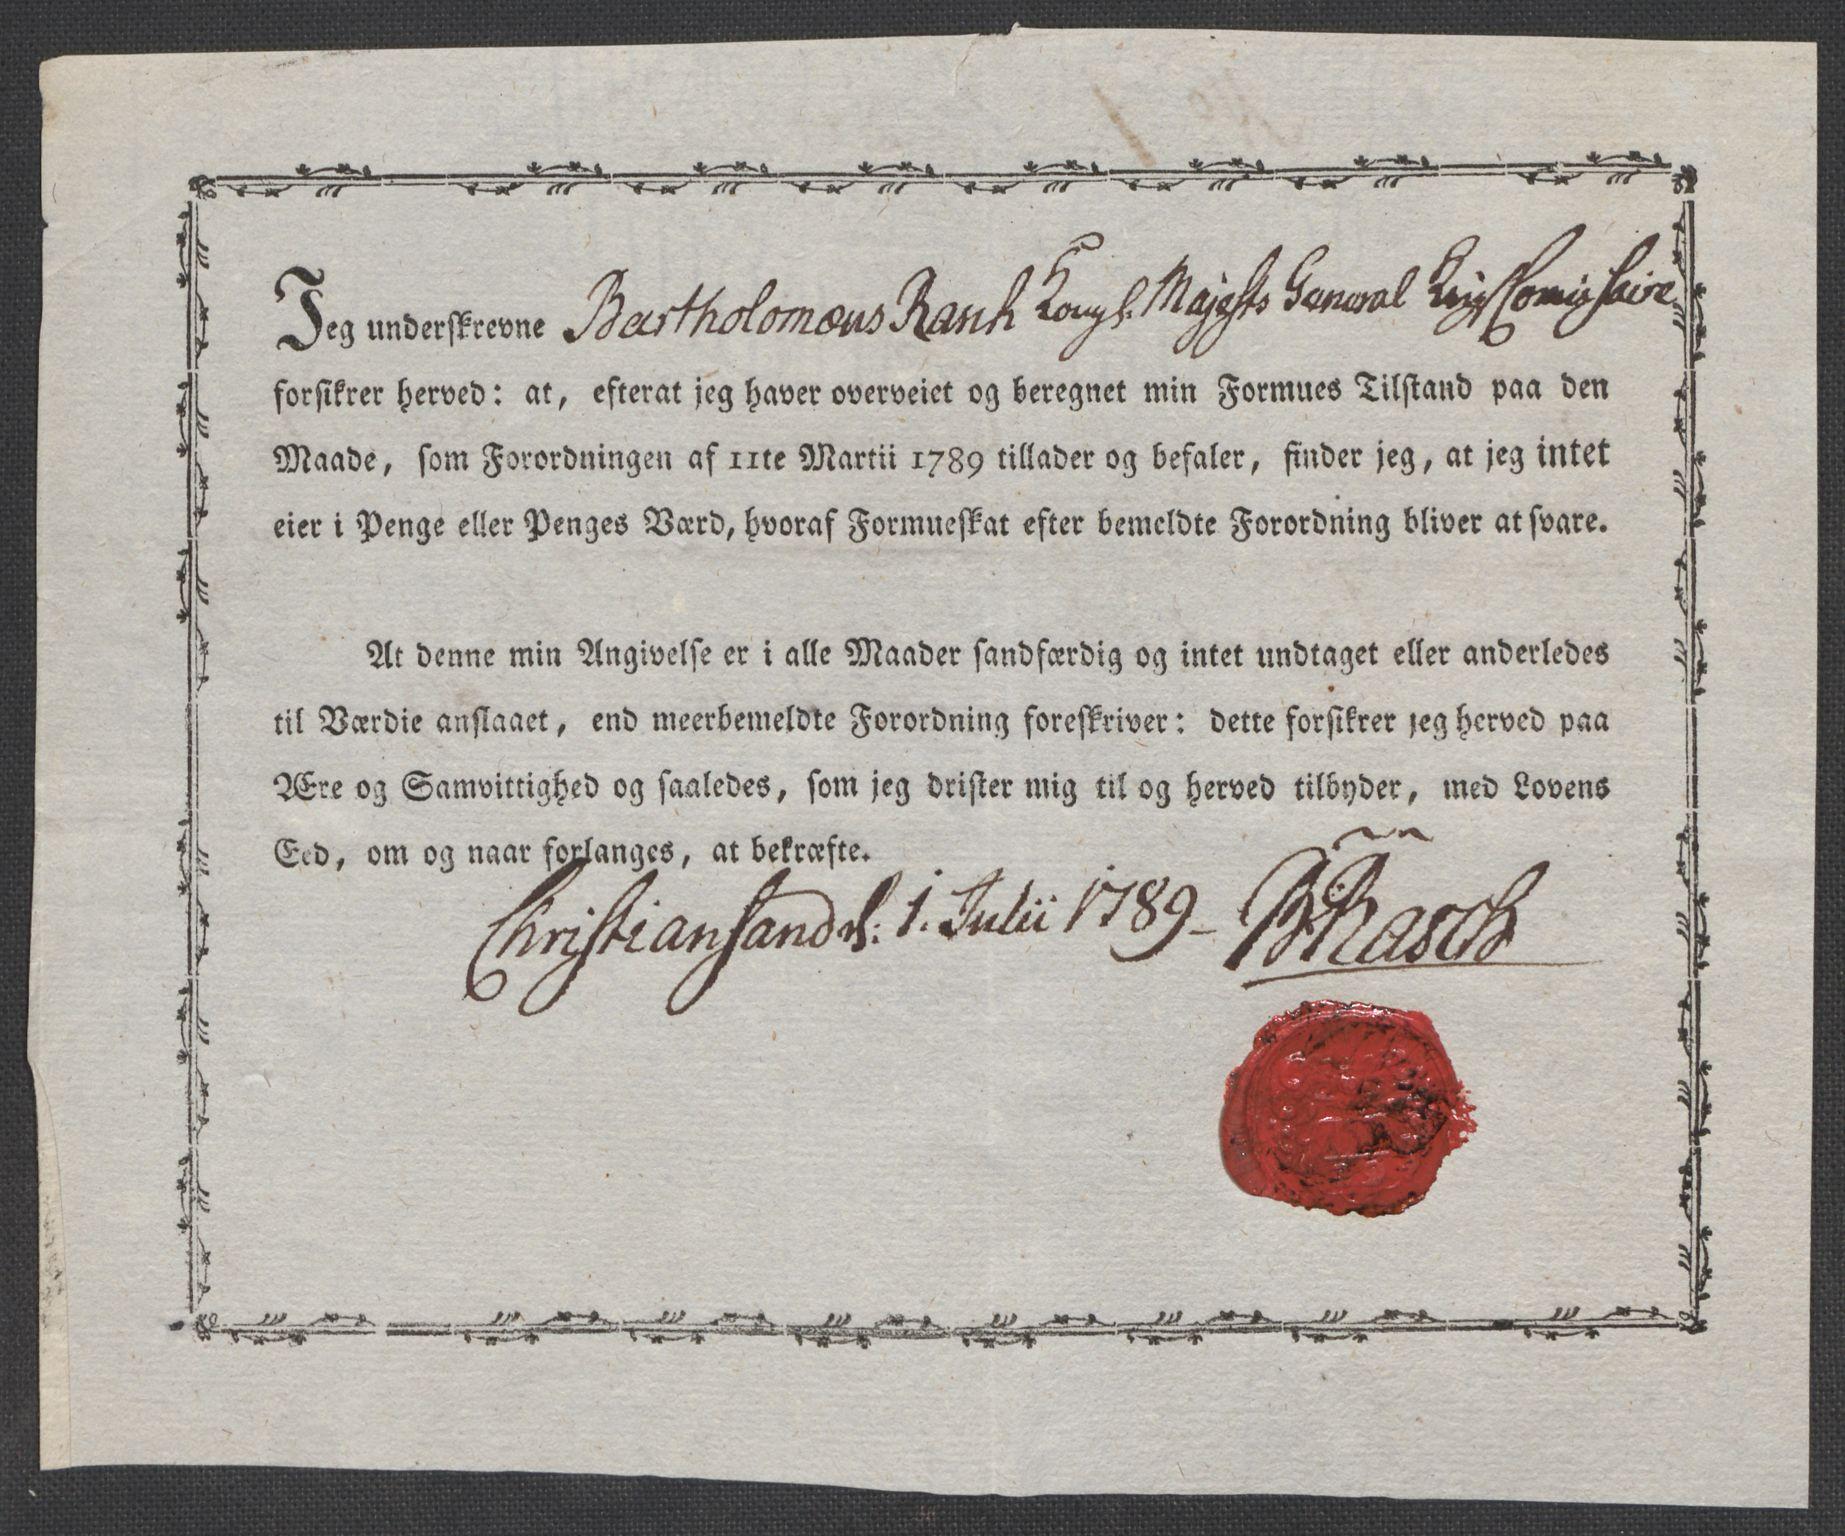 RA, Rentekammeret inntil 1814, Reviderte regnskaper, Mindre regnskaper, Rf/Rfe/L0008: Kristiansand. Kristiansund. Fredrikshald (Halden), 1789, s. 3